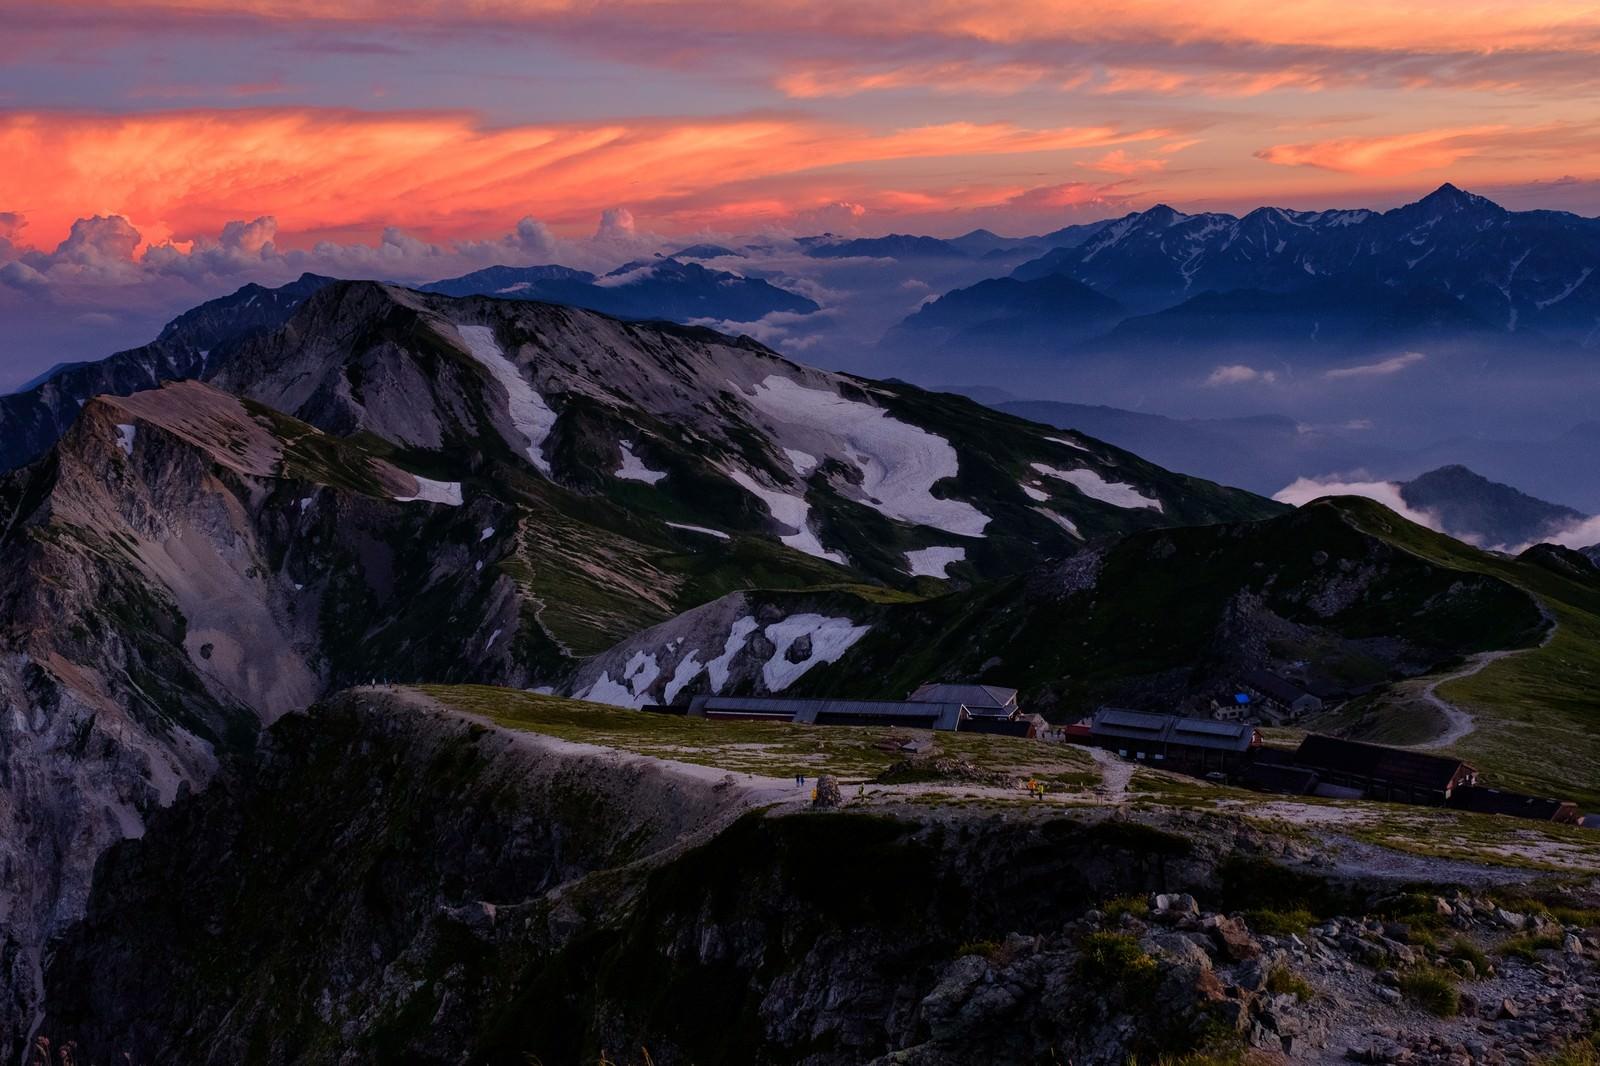 「夕日に染まる杓子岳と白馬鑓ヶ岳と立山連峰 | 写真の無料素材・フリー素材 - ぱくたそ」の写真